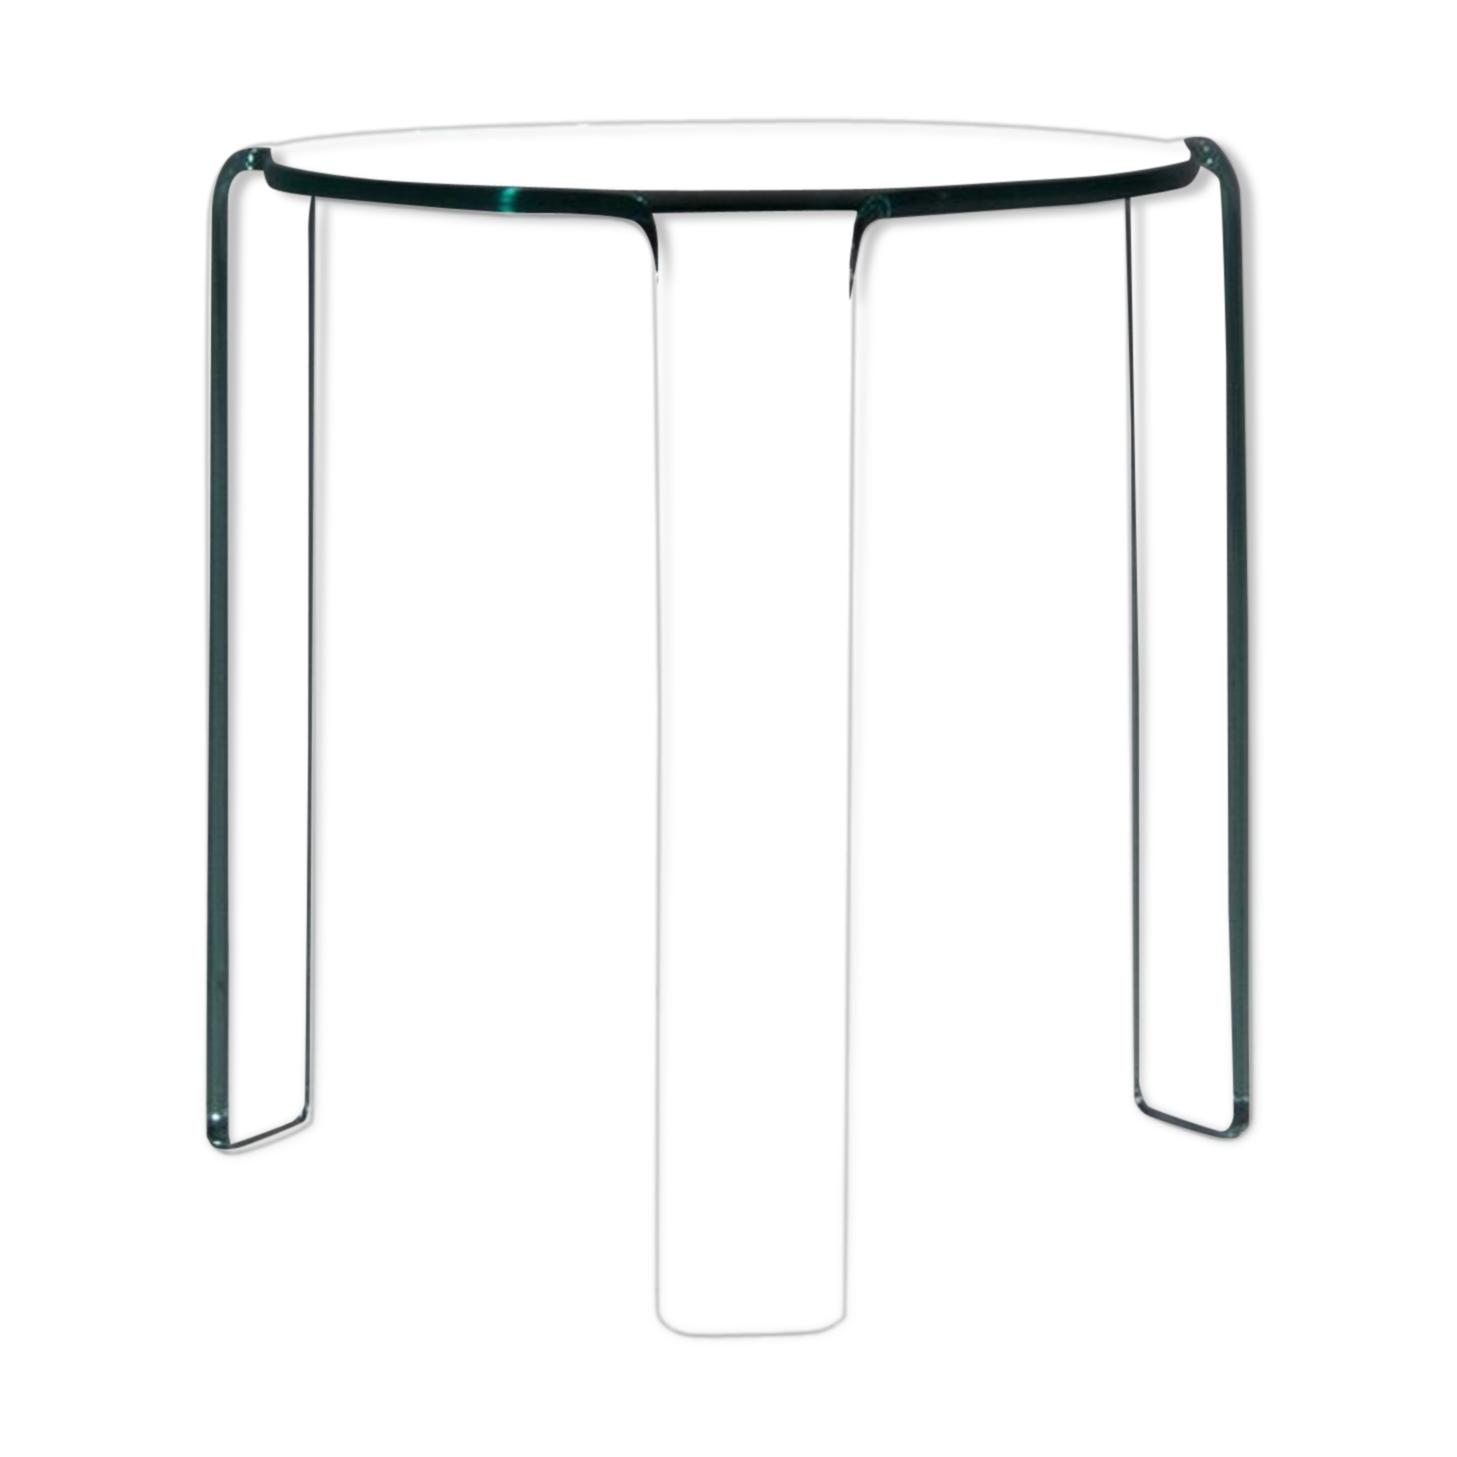 Table d'appoint Fiam Italia conçue par Alvar Aalto des années 80